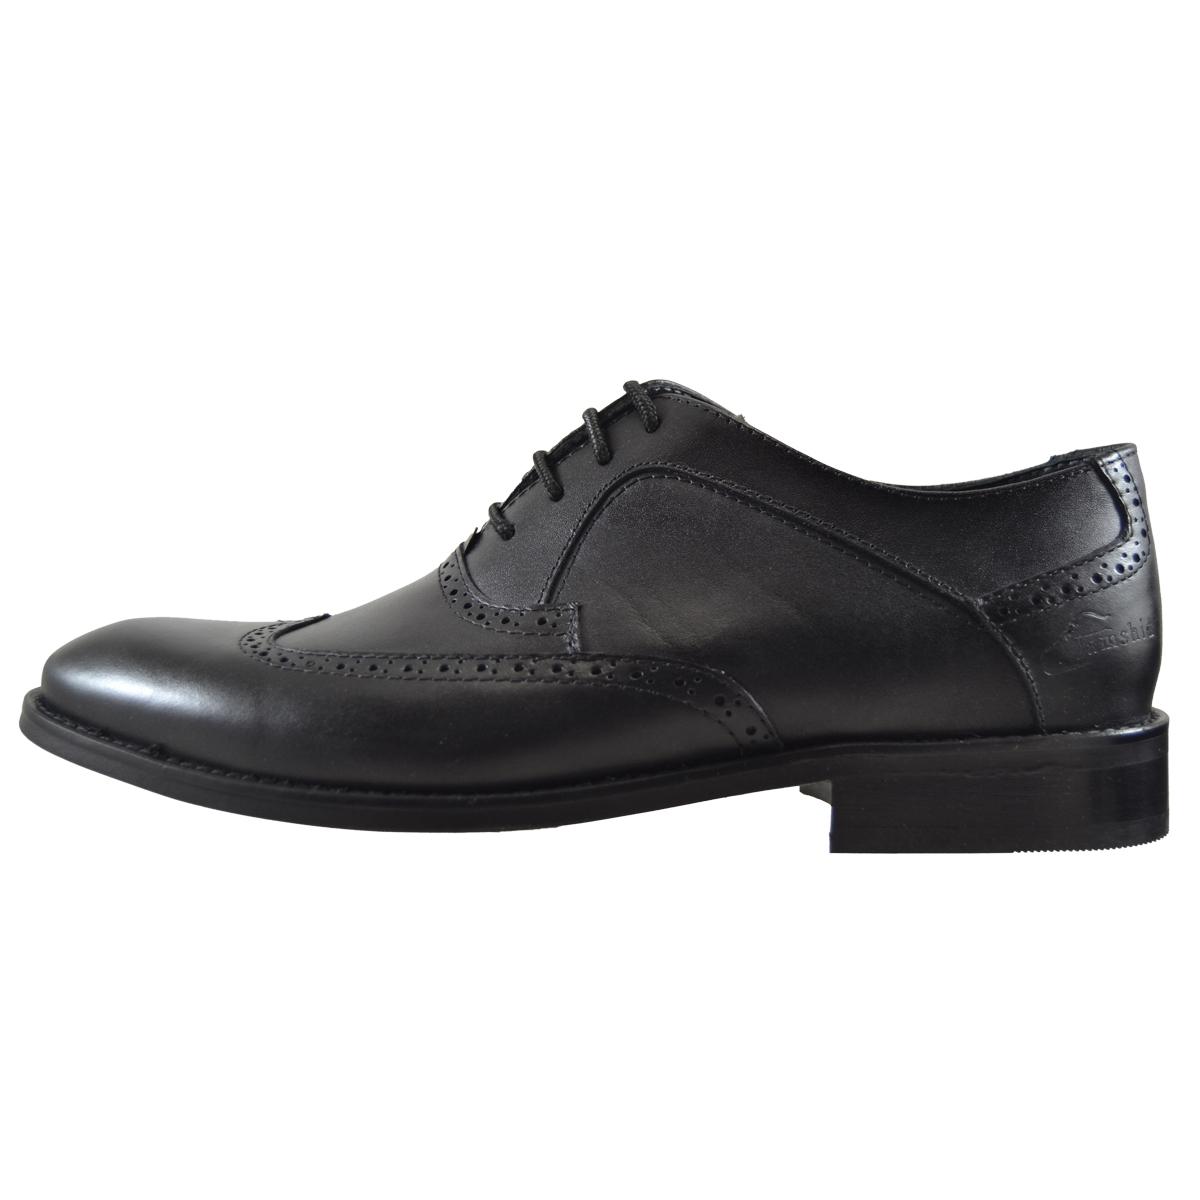 کفش مردانه کد 214             , خرید اینترنتی